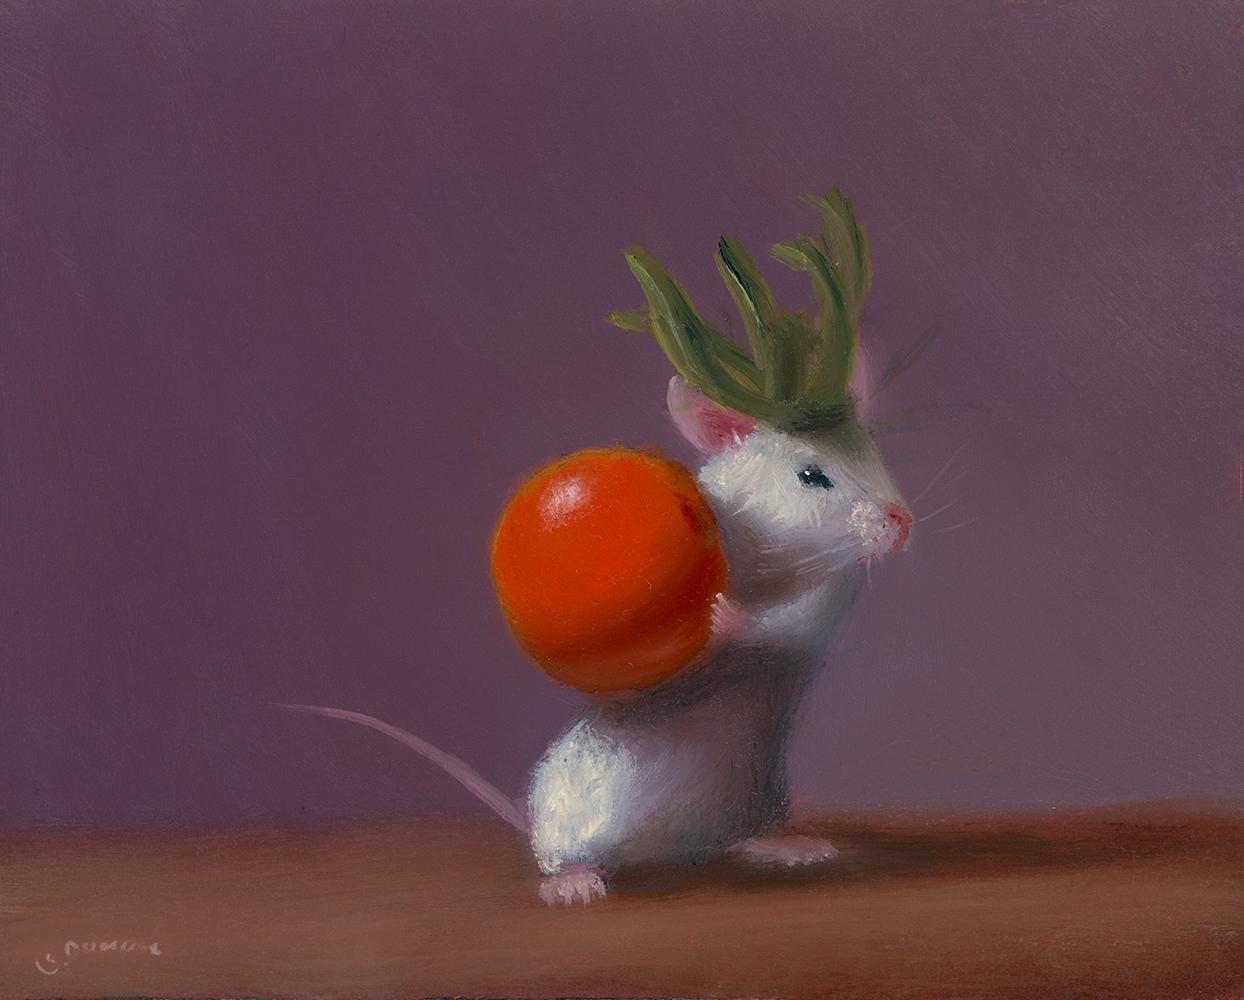 stuart_dunkel_sd1304_queen_tomato.jpg